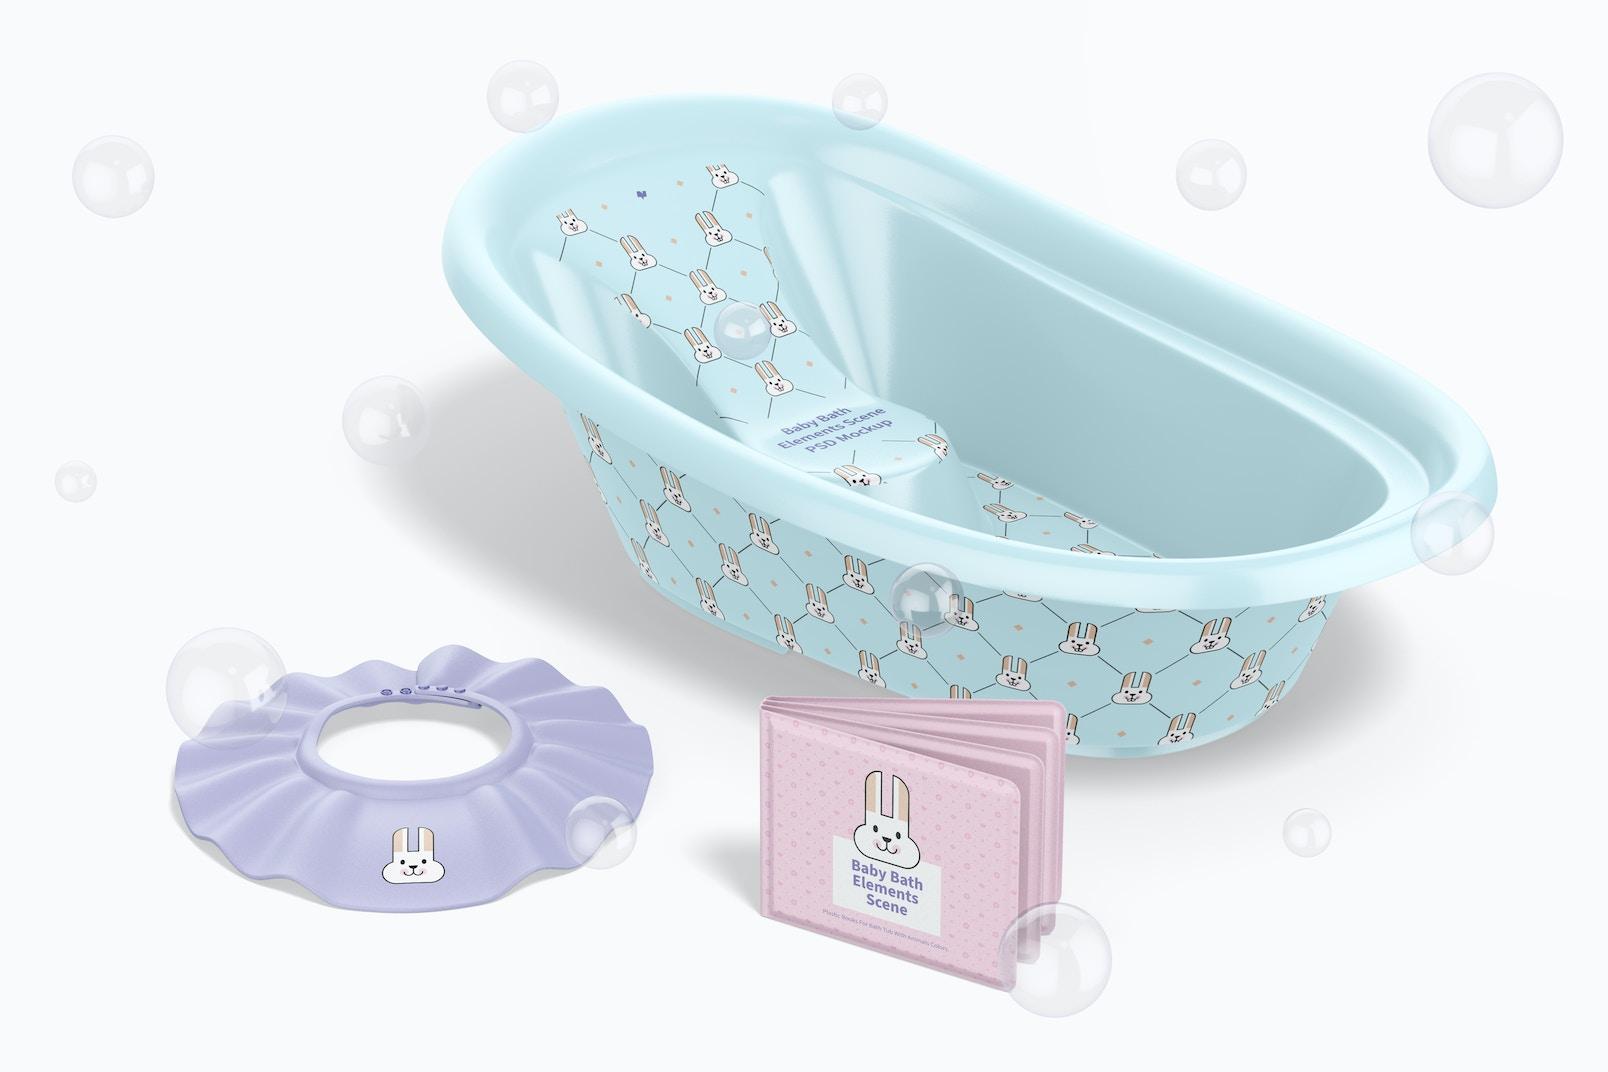 Baby Bath Elements Scene Mockup